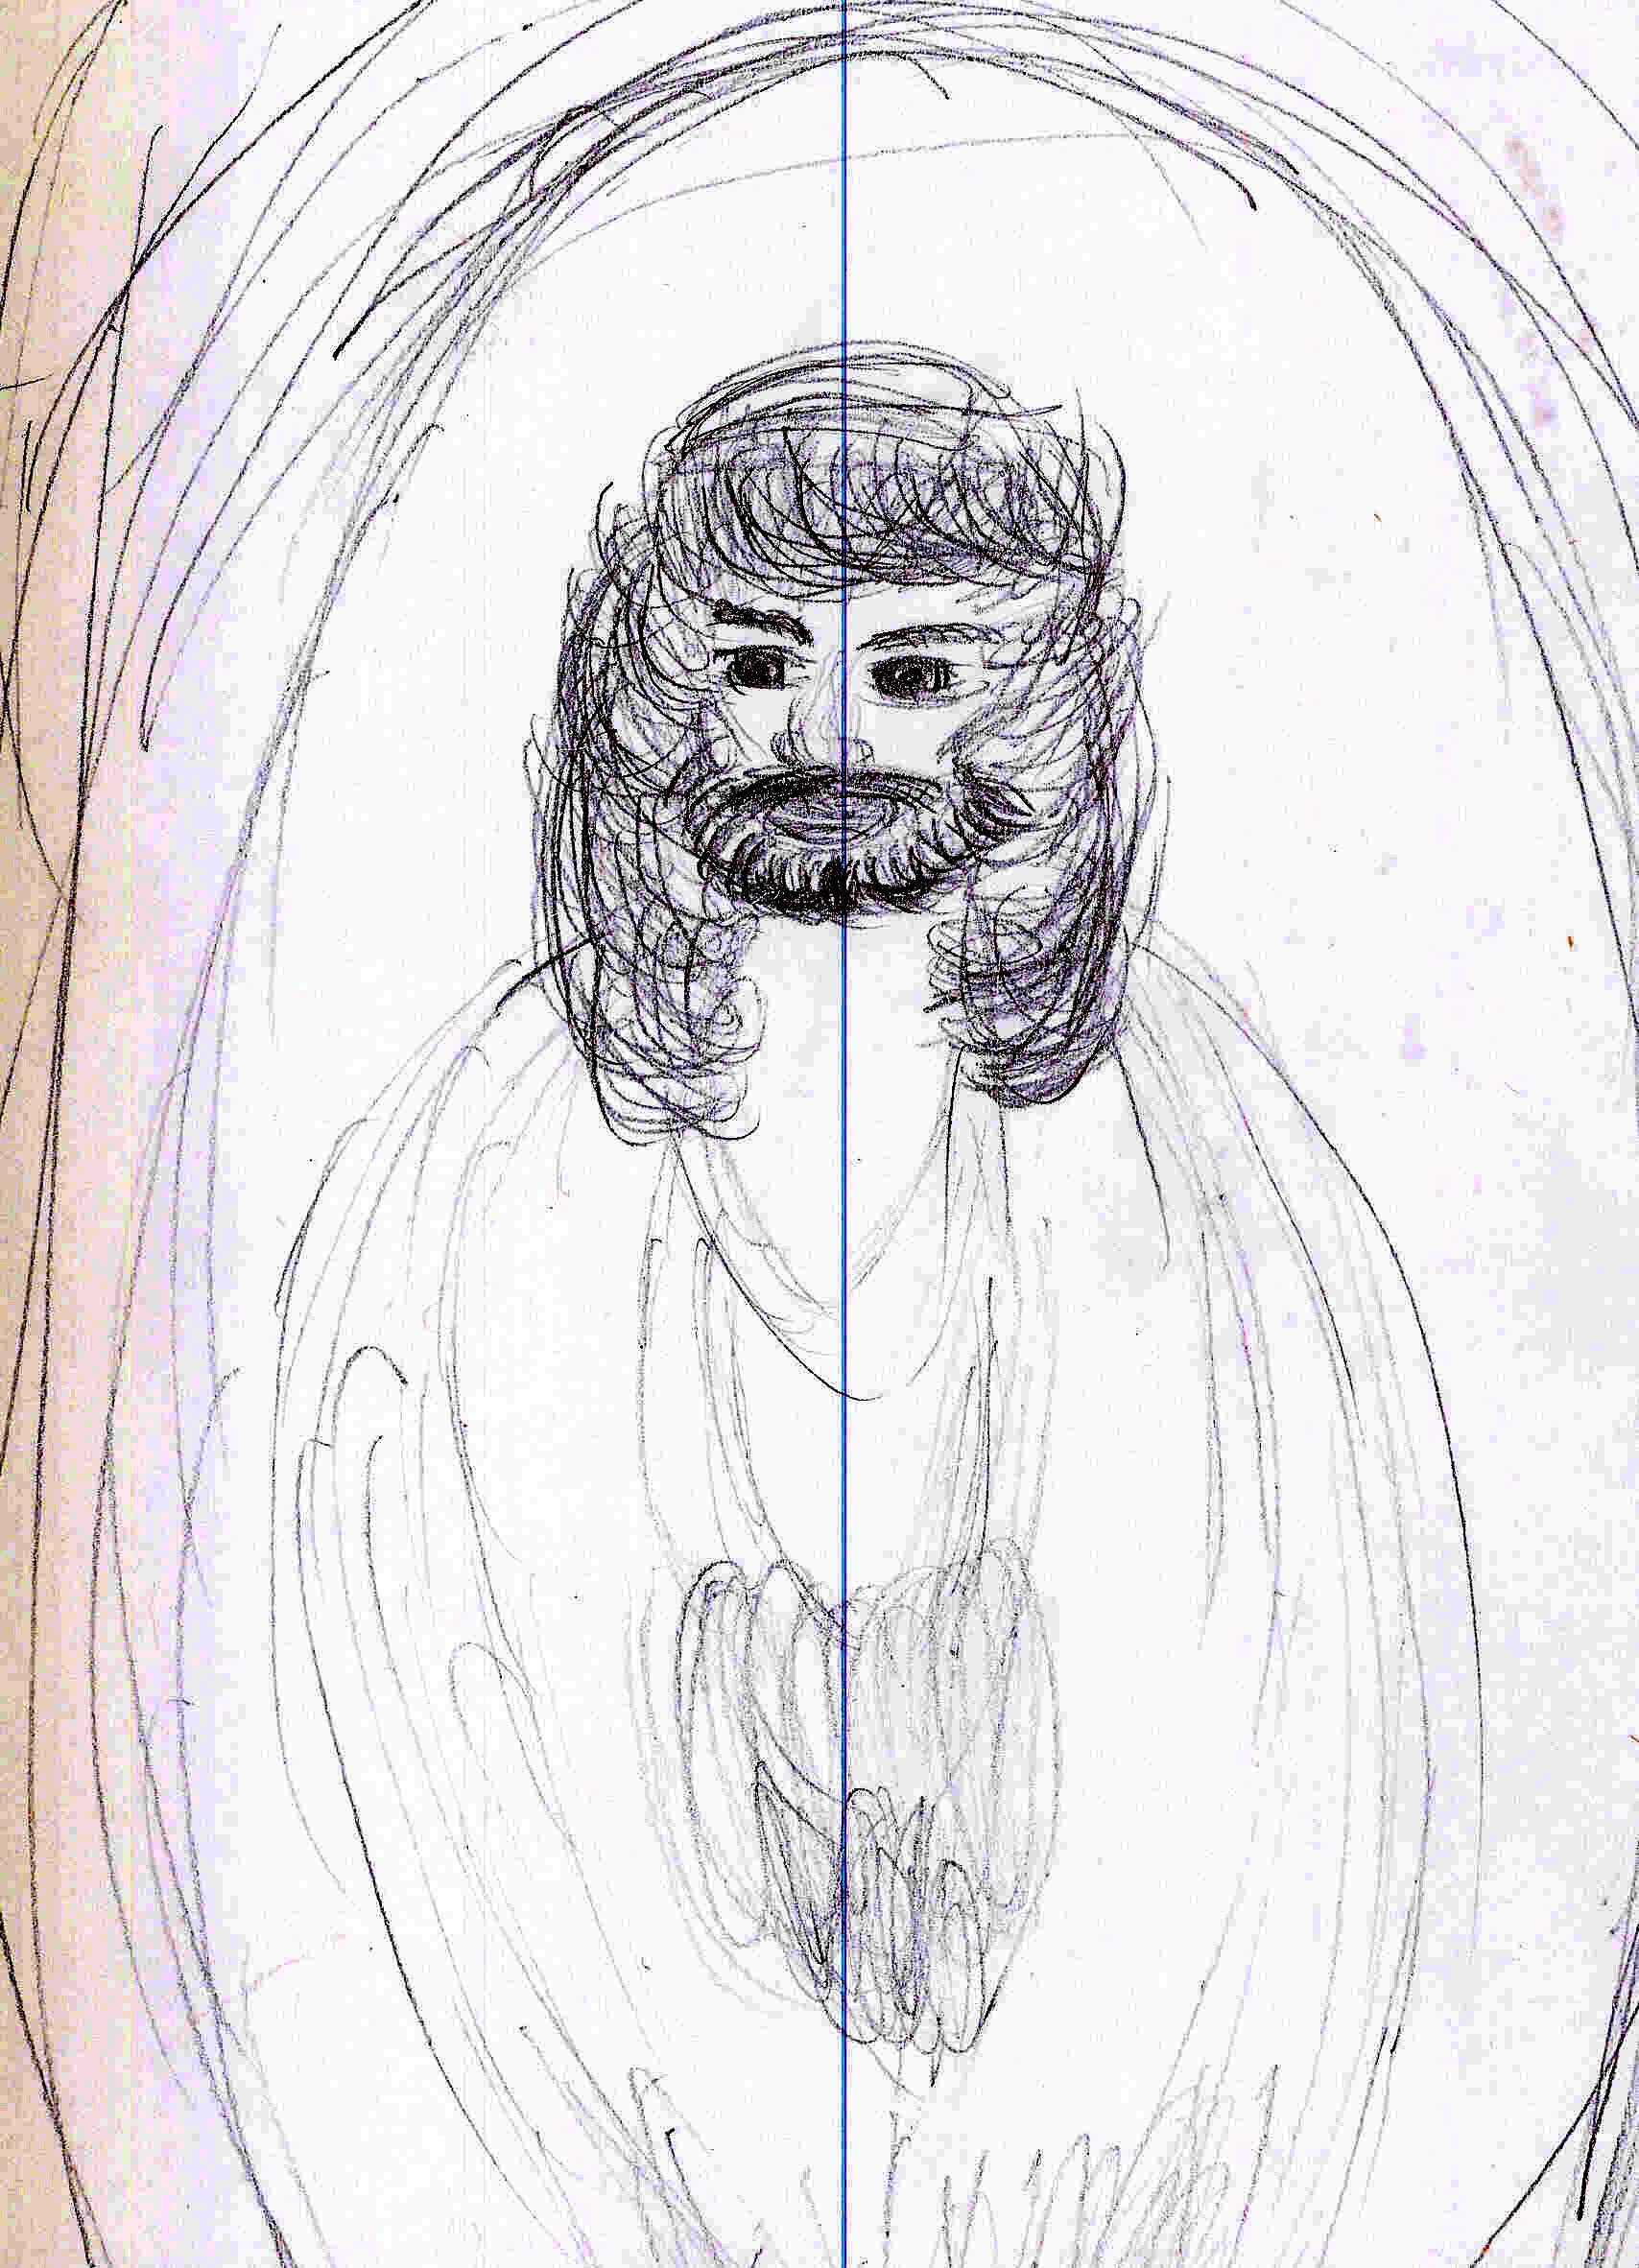 Drawn spirit guardian Getting to woman But spirit